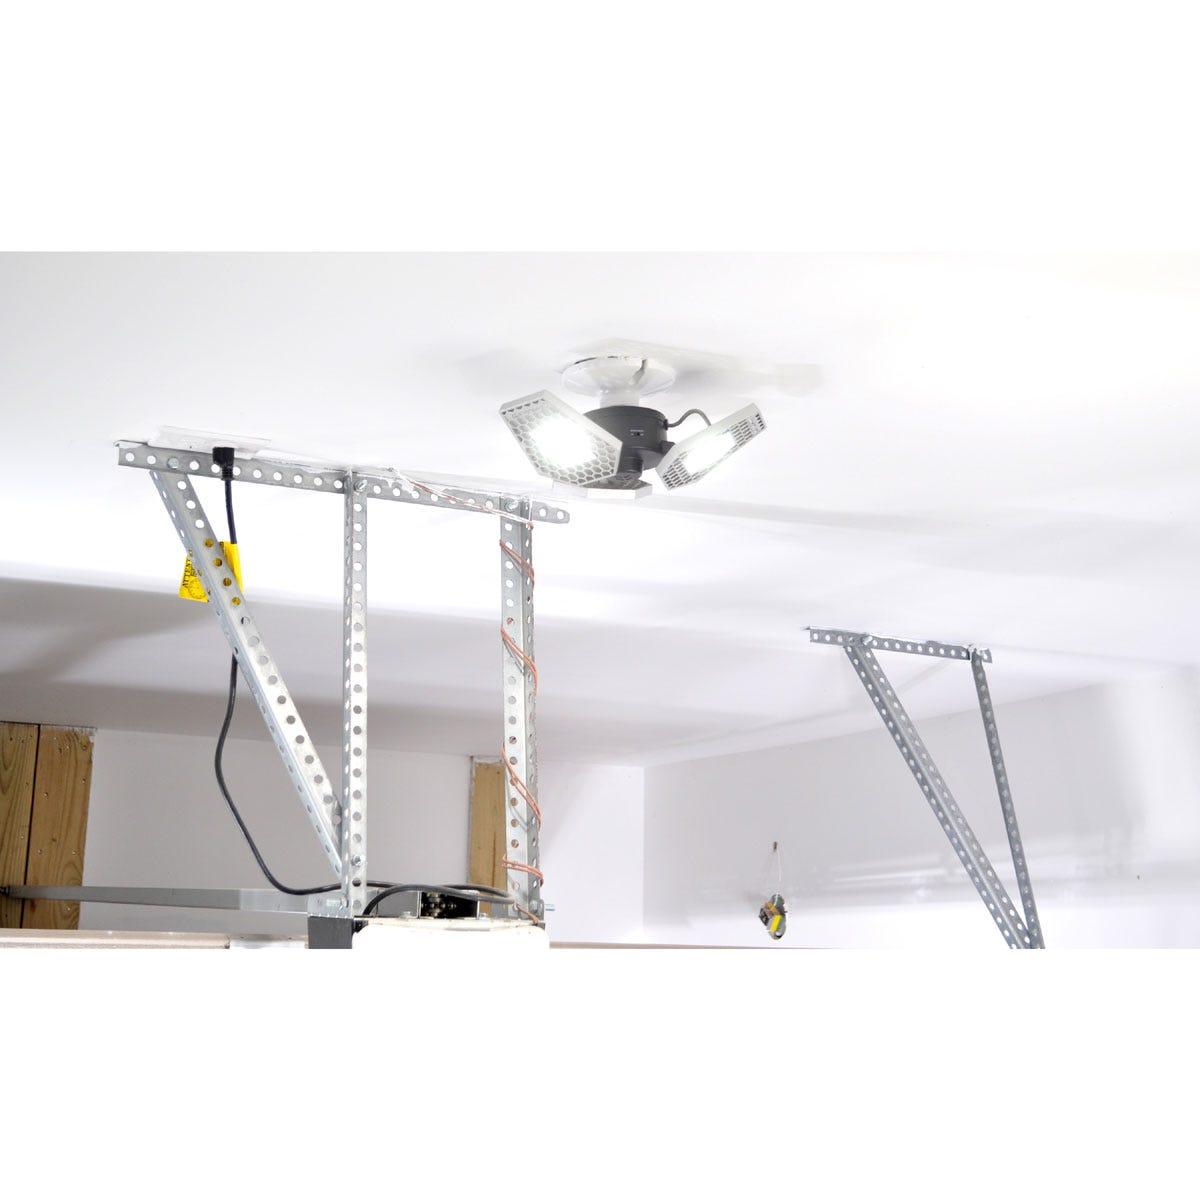 Motion Lights Above Garage: Motion-Sensing Garage Light